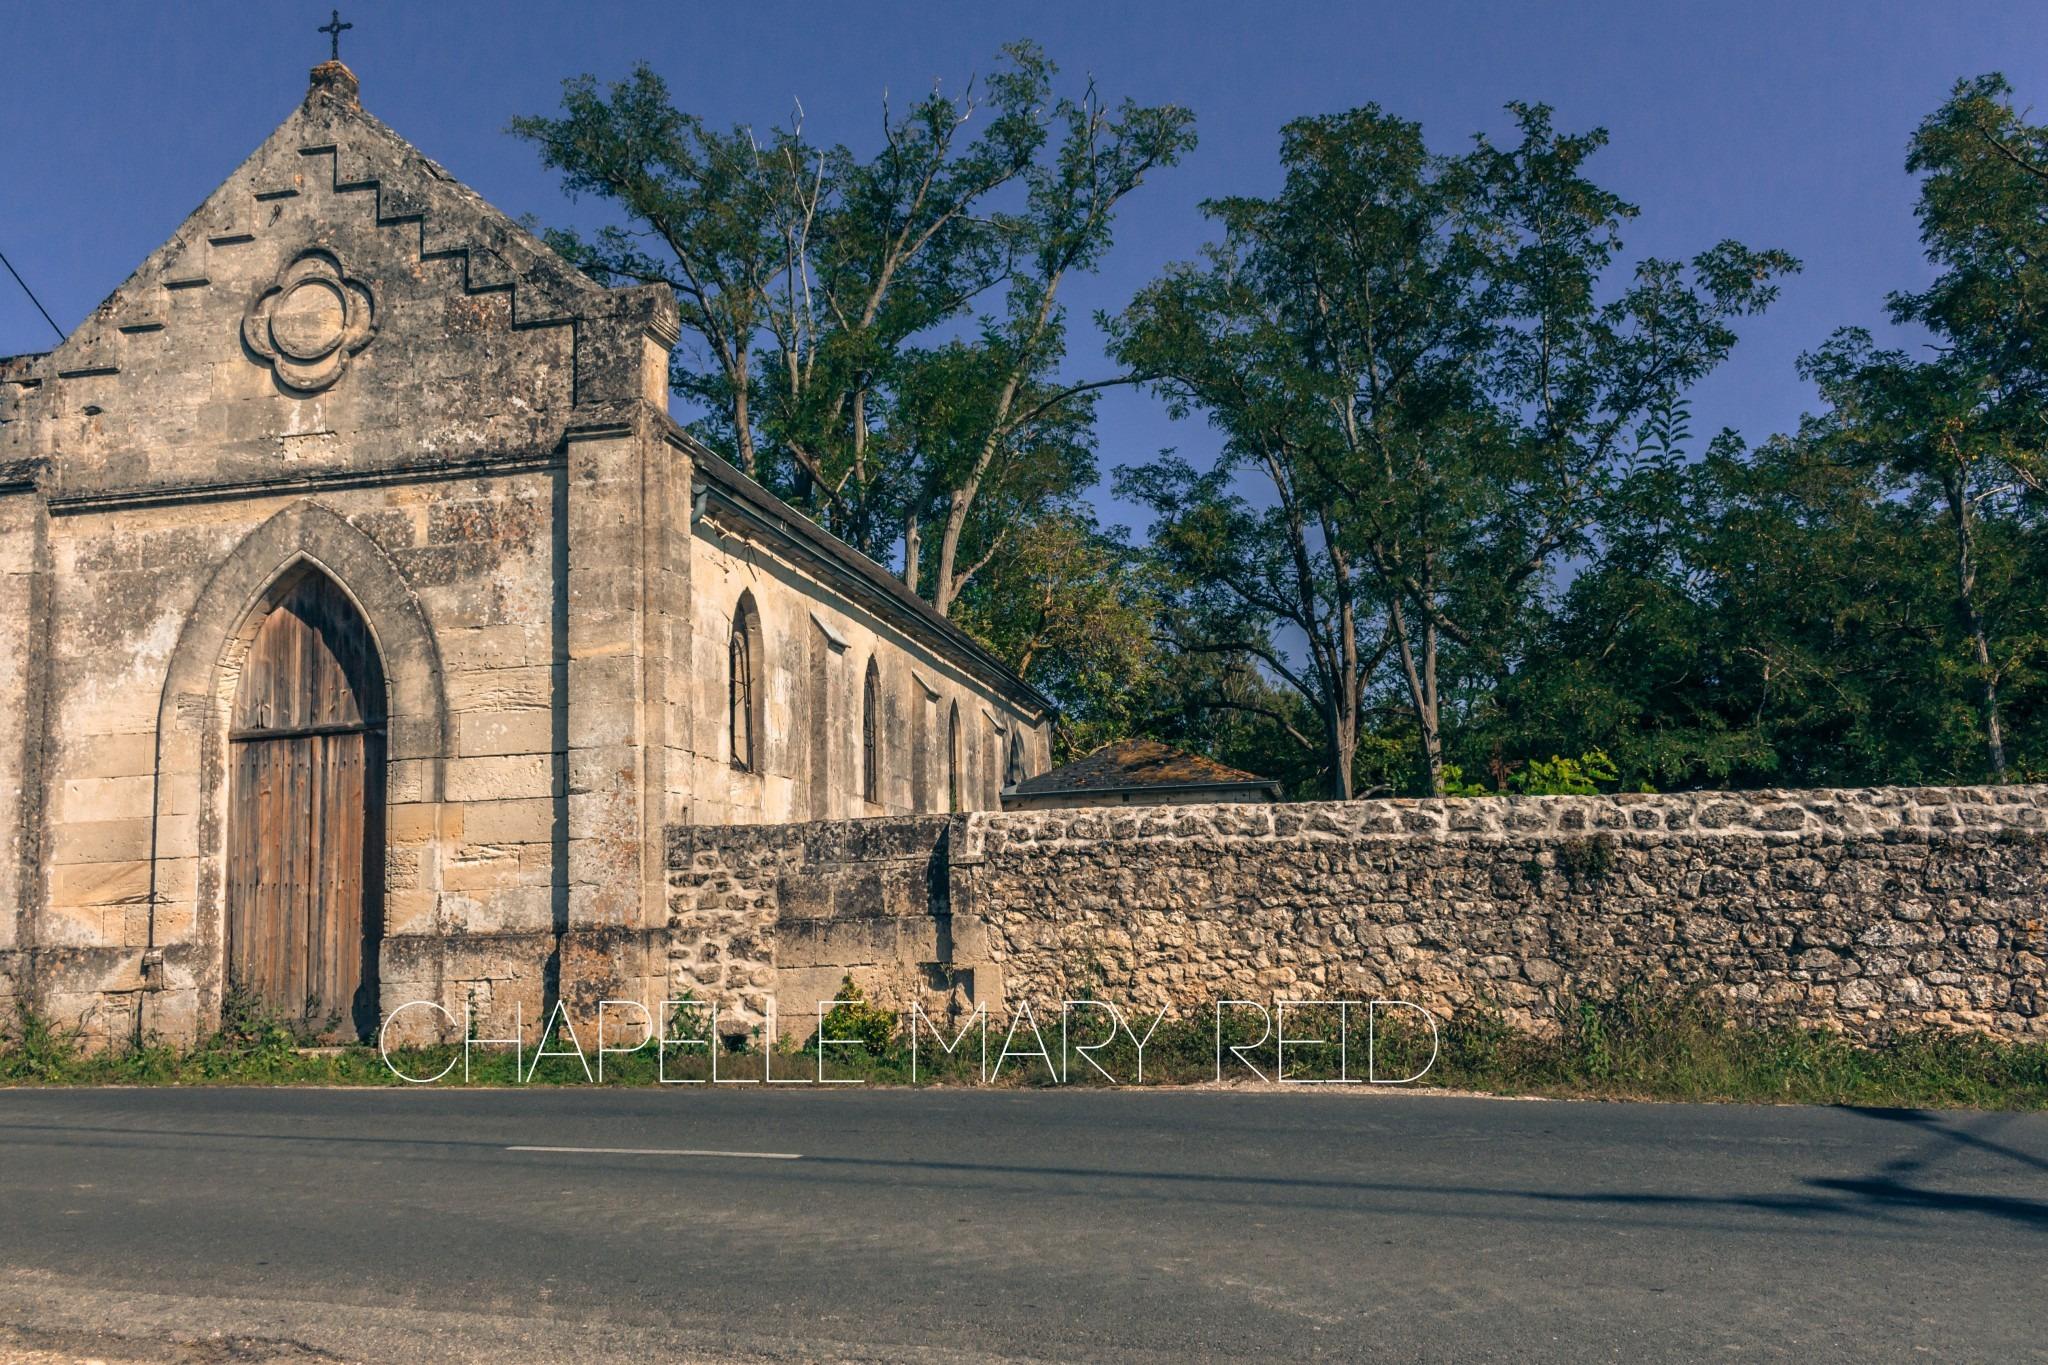 chapelle-mary-reid-0